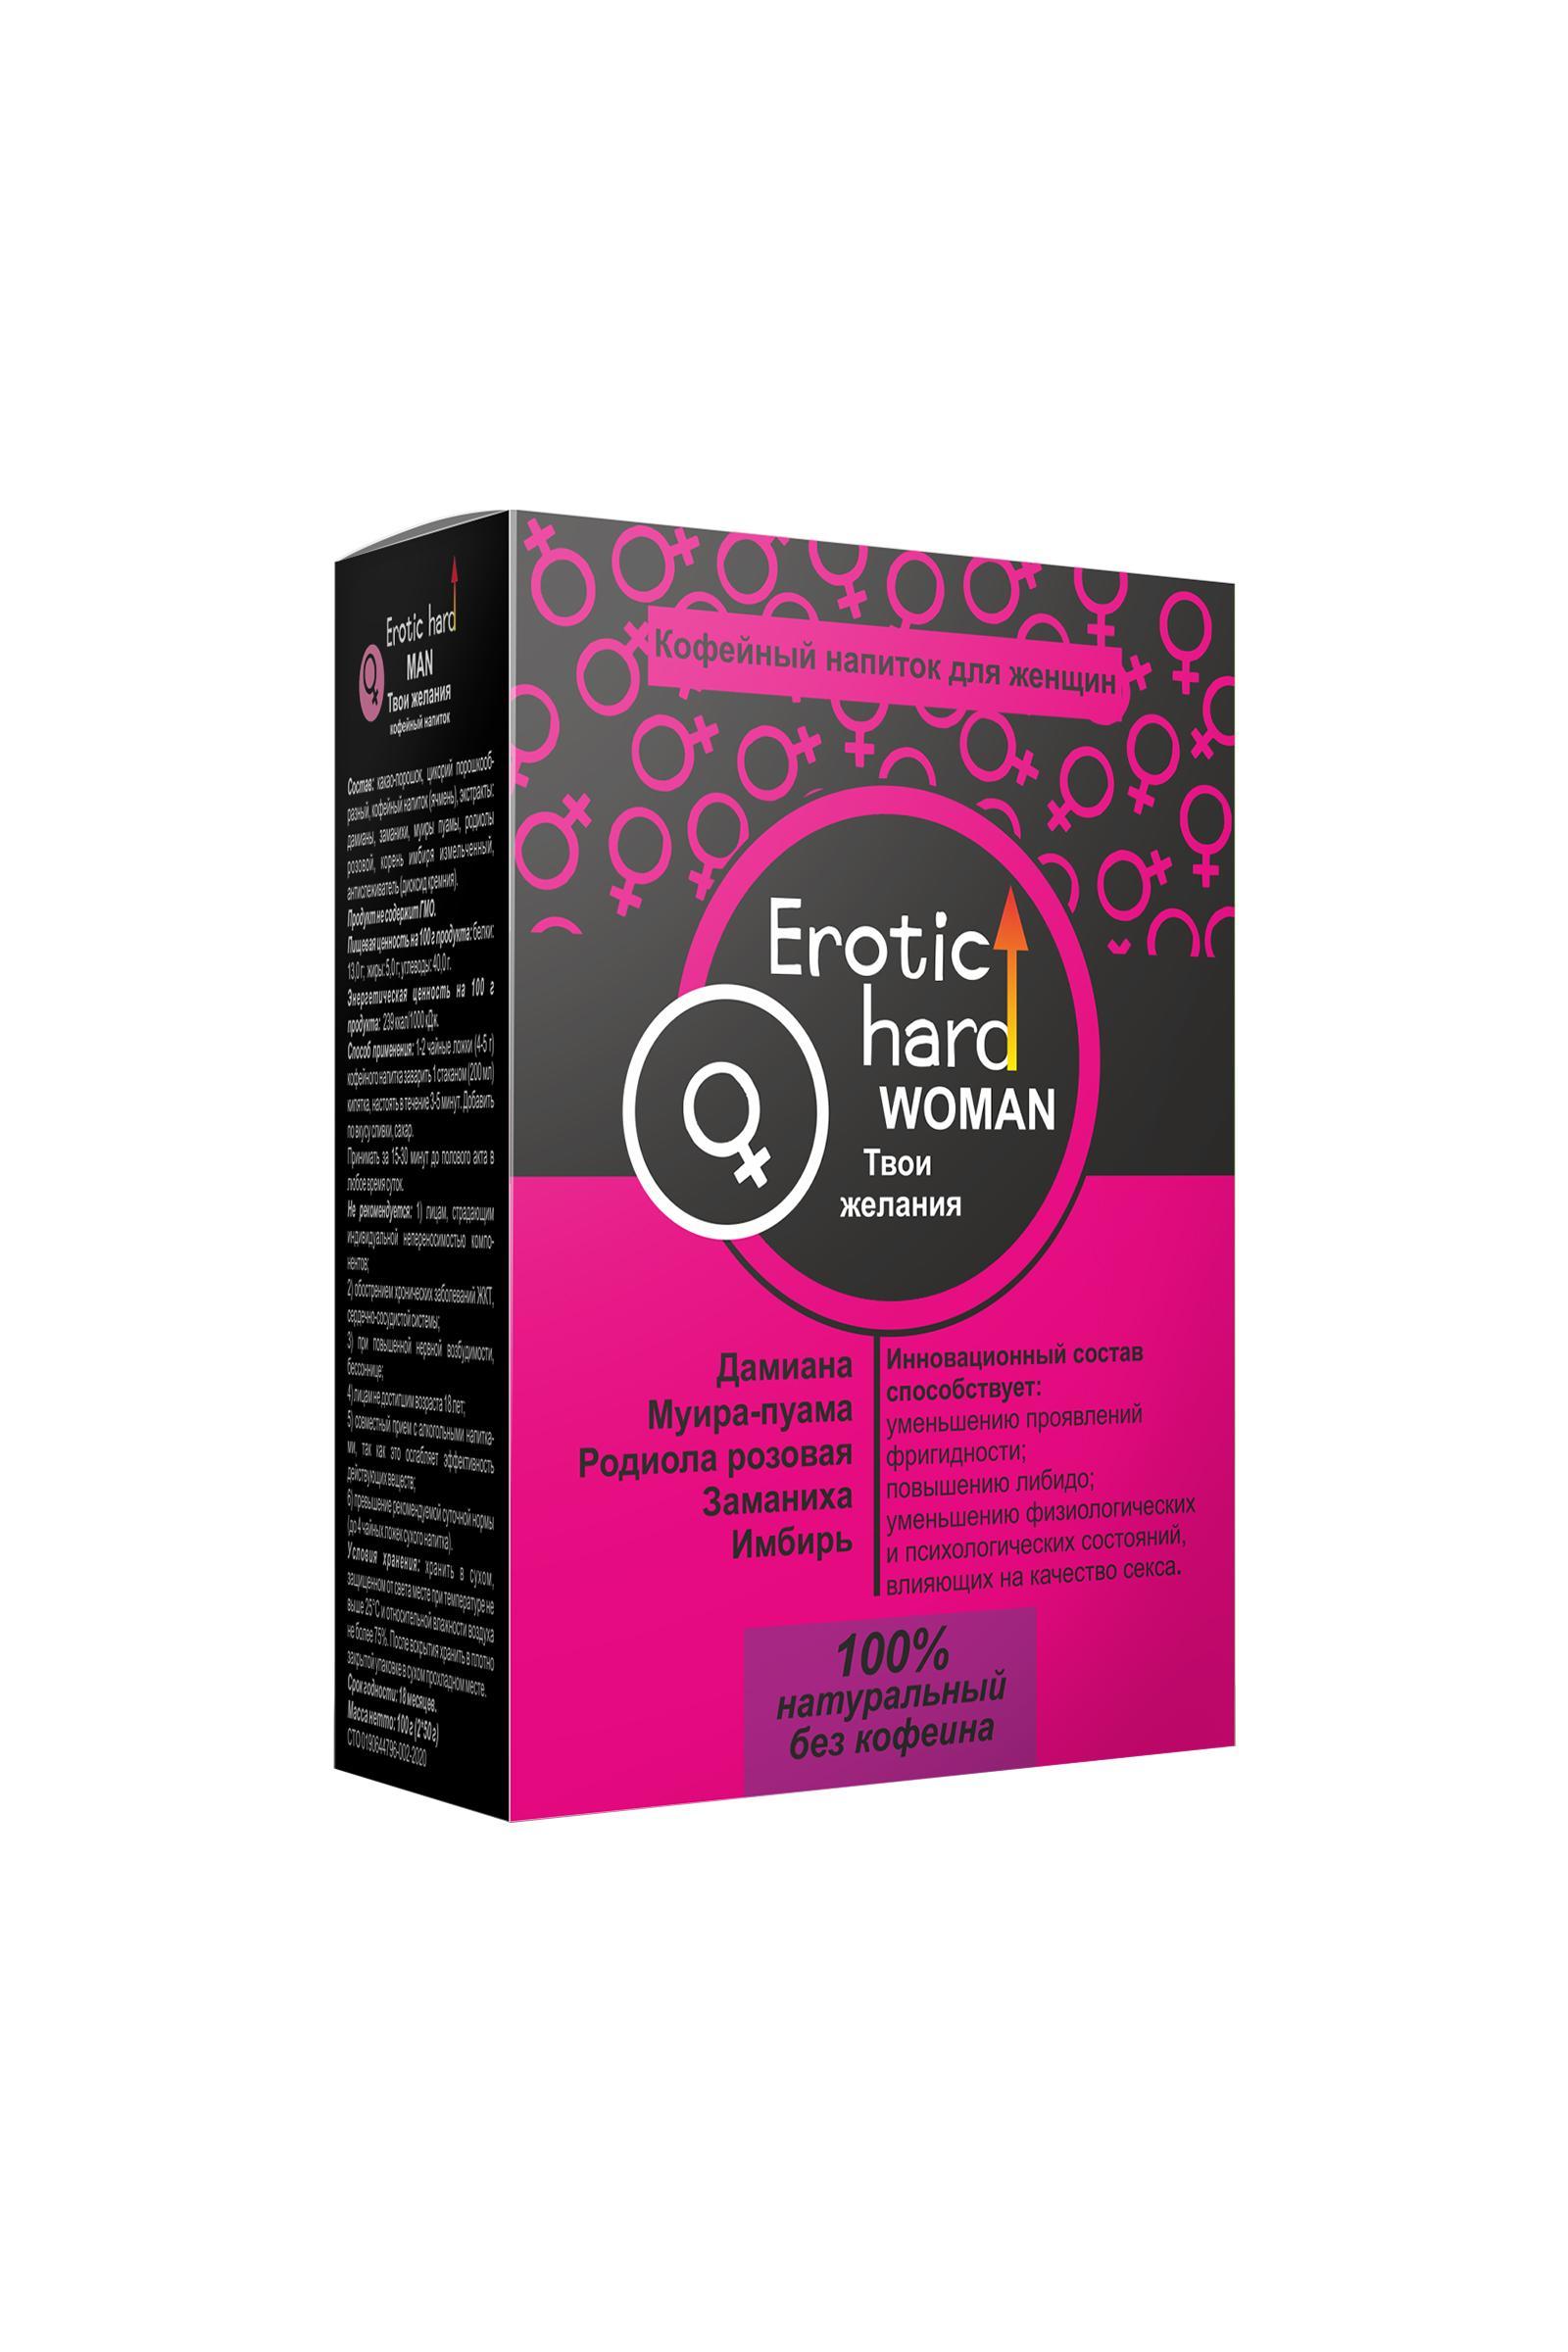 Кофейный напиток  для женщин «Erotic hard» для повышения либидо и сексуальности, 100 гр